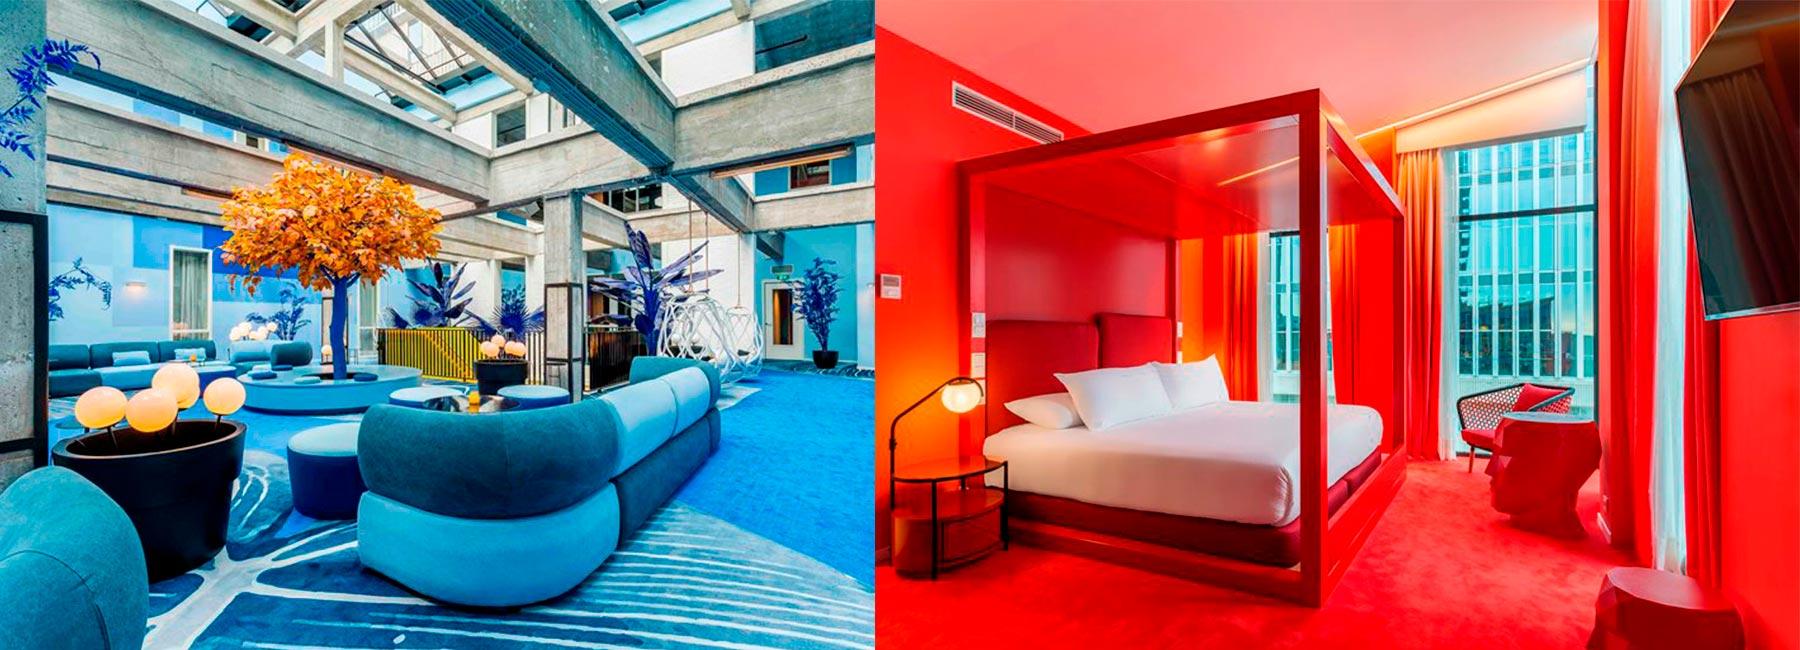 Отель Room Mate Bruno по проекту Teresa Sapey Studio, Роттердам, Нидерланды